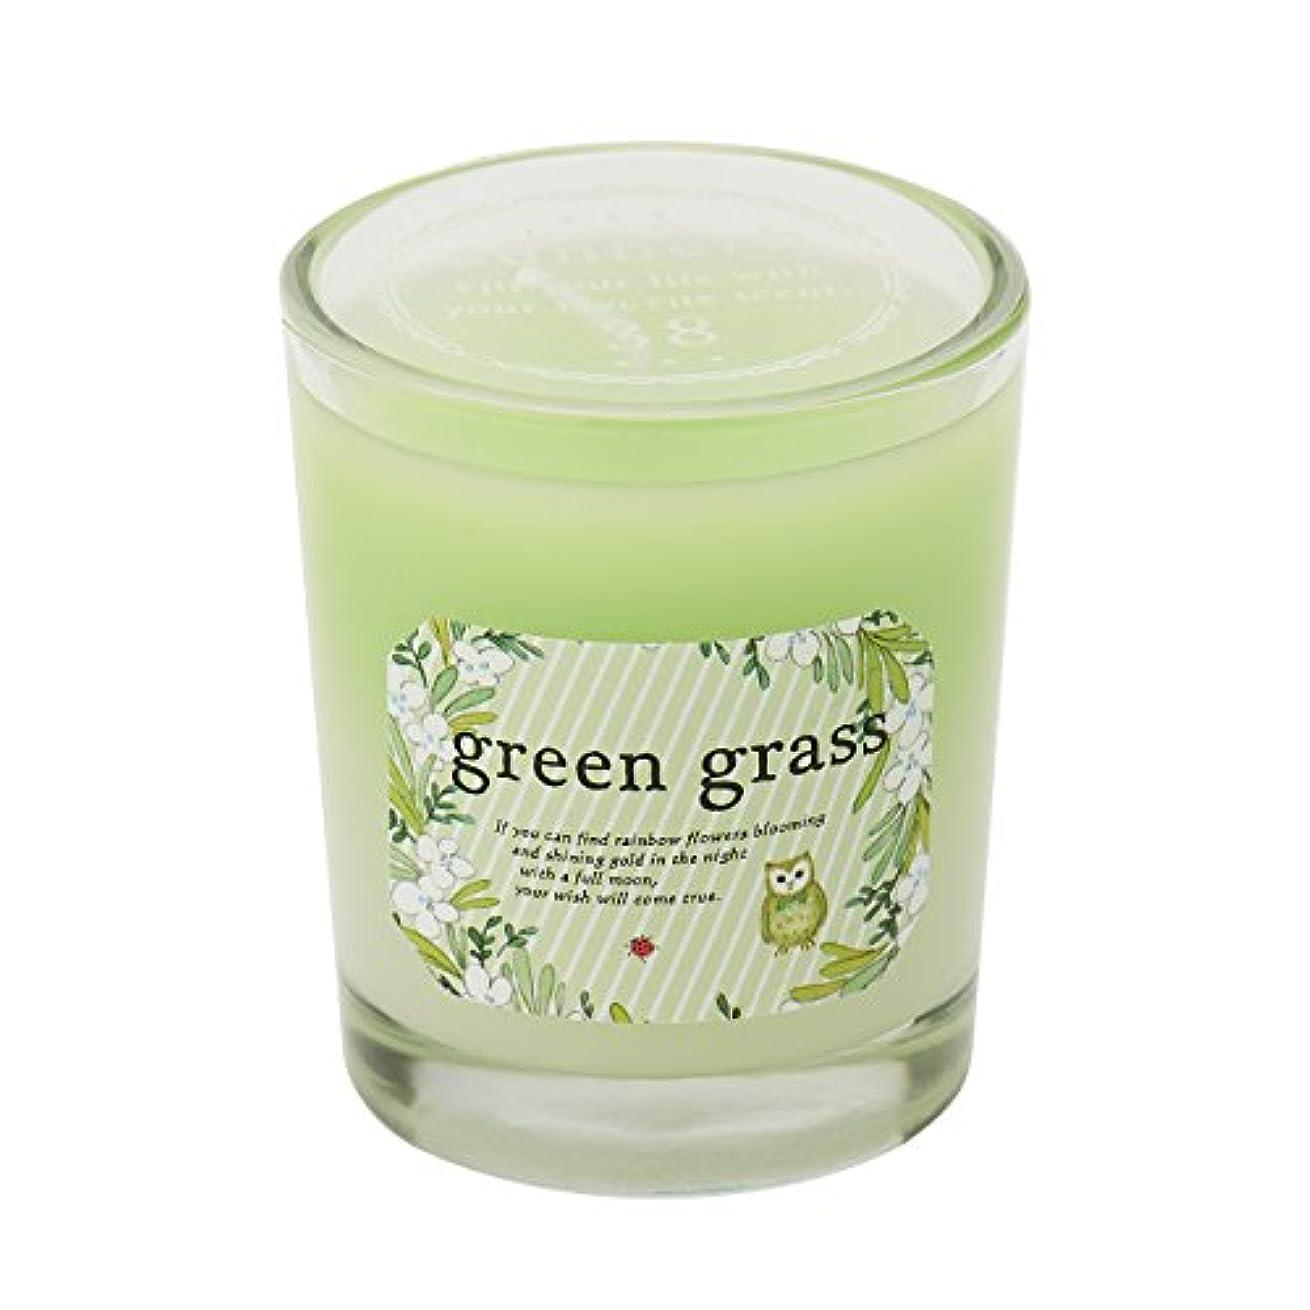 魔術次慎重にサンハーブ グラスキャンドル グリーングラス 35g(グラデーションろうそく 燃焼時間約10時間 爽やかでちょっと大人の香り)